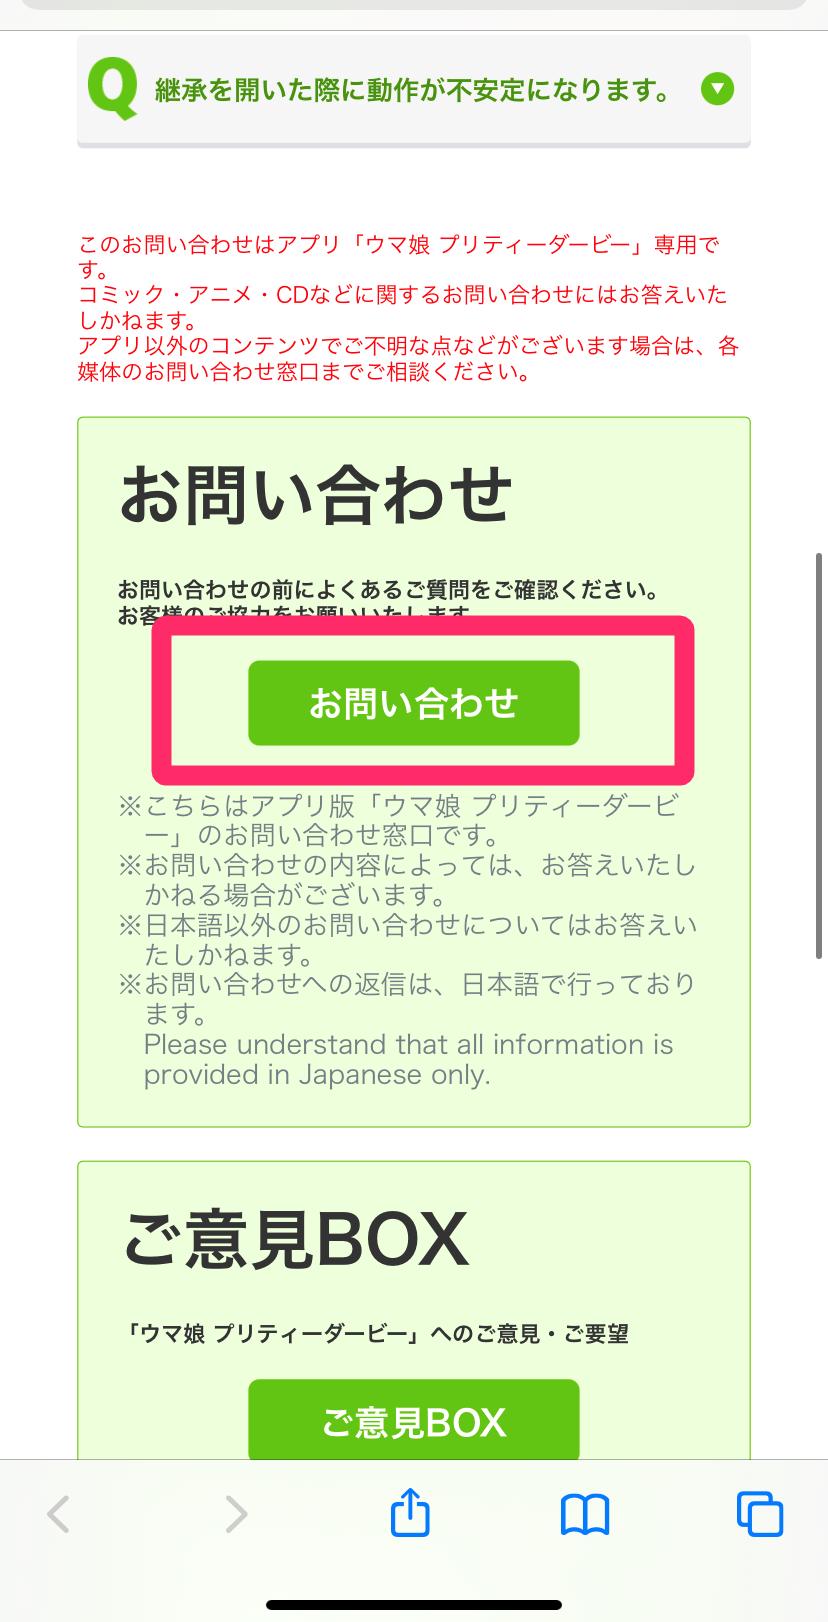 5.緑色の「お問い合わせ」ボタンを押す